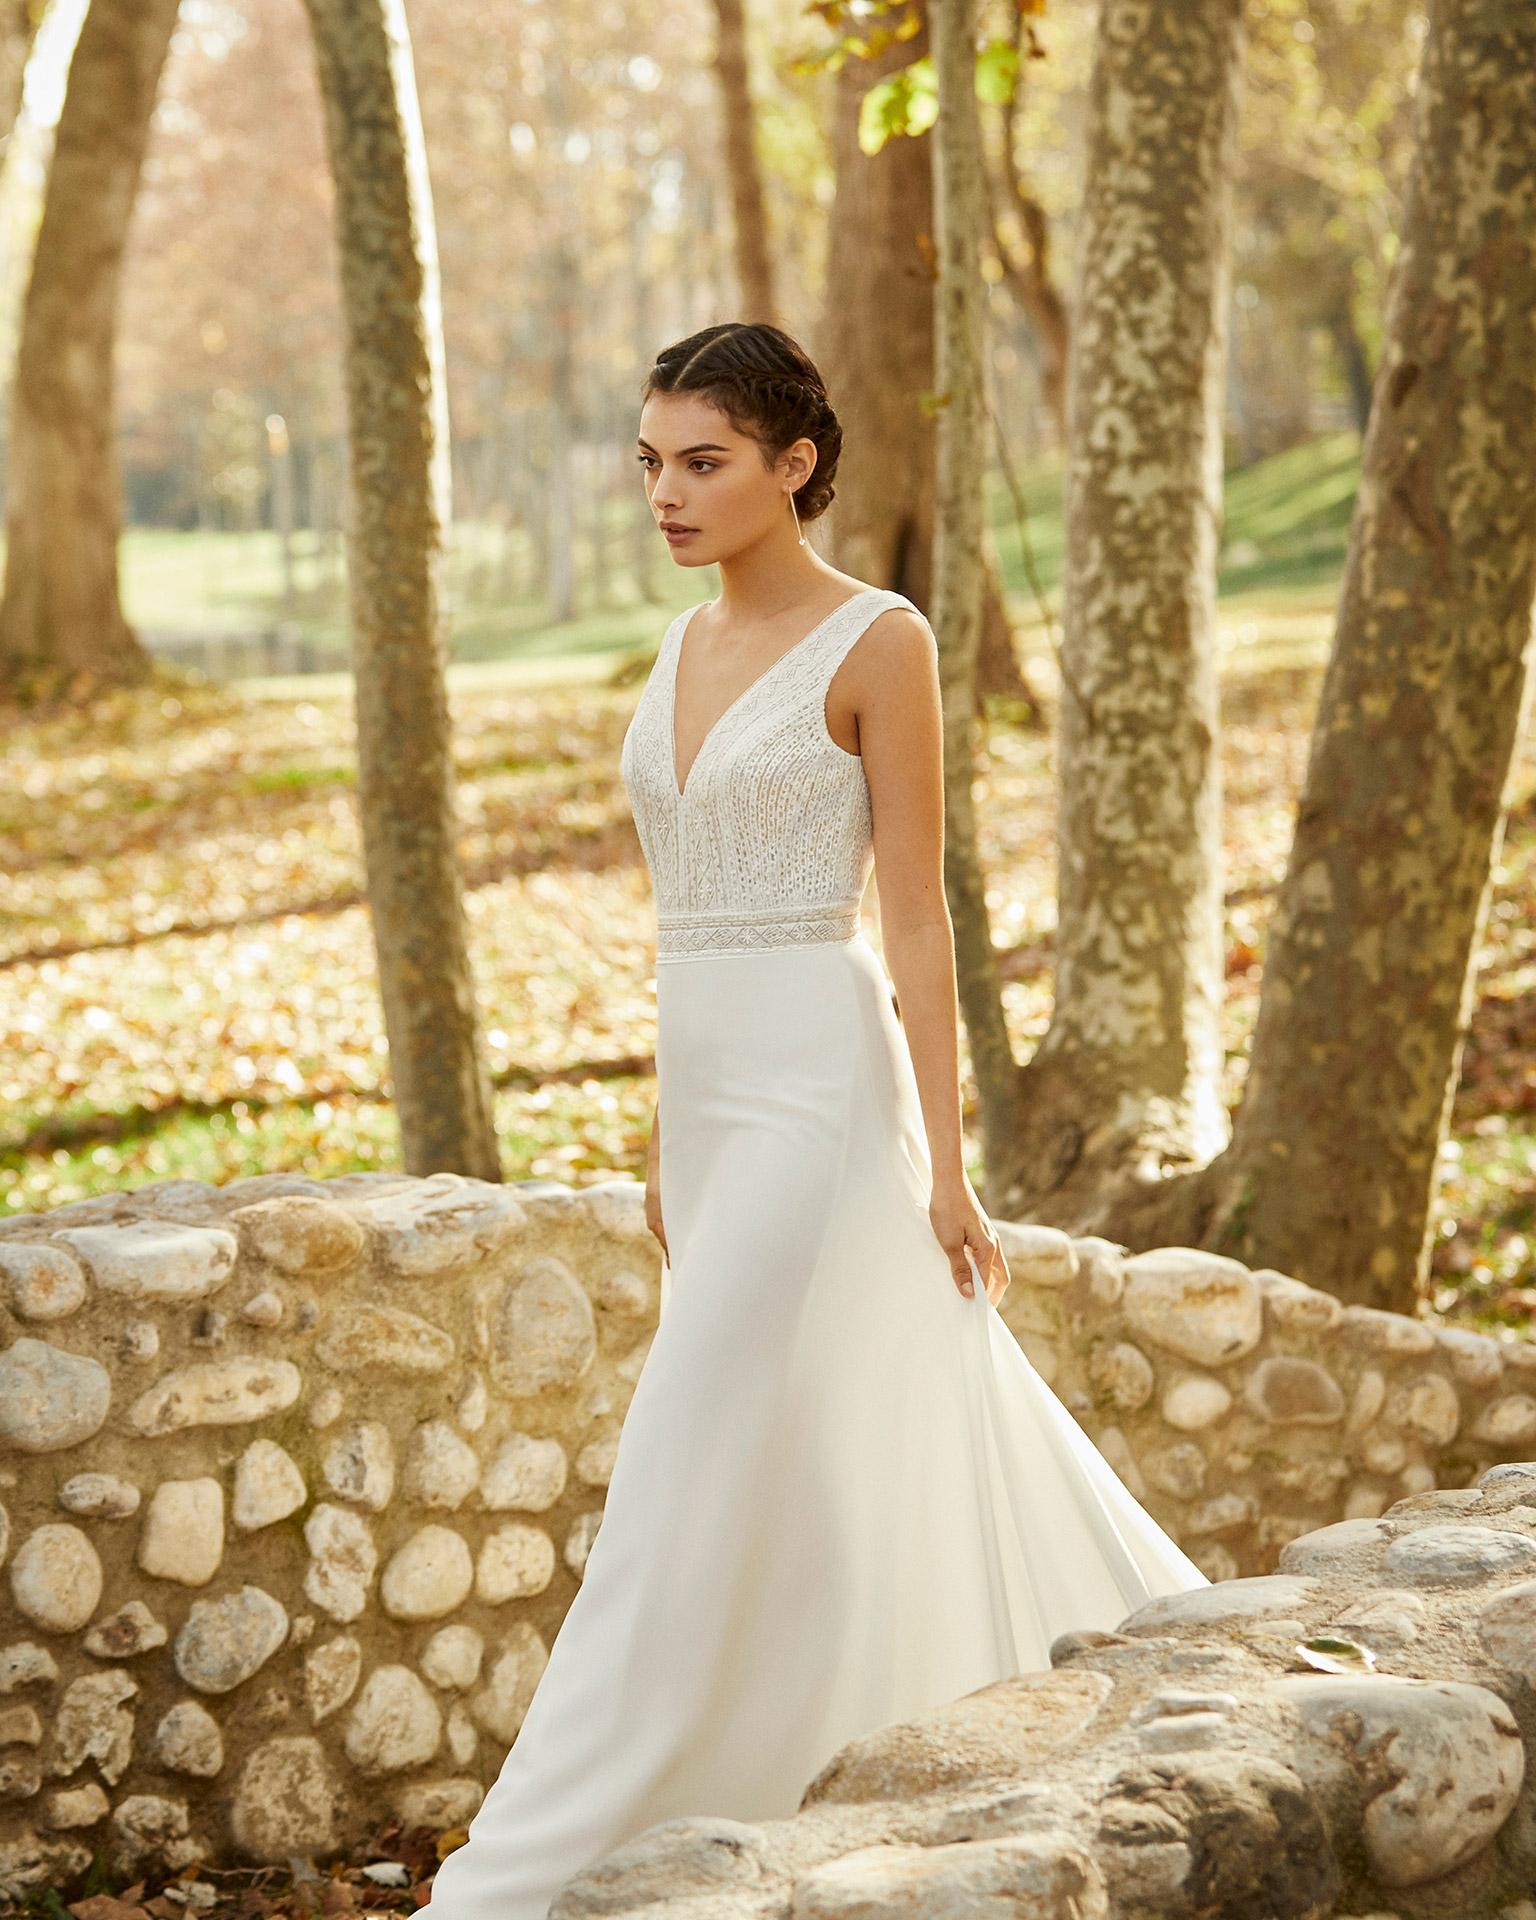 Vestido de novia estilo ligero georgette y encaje pedrería con escote V y espalda cuadrada. Colección ALMA_NOVIA 2020.